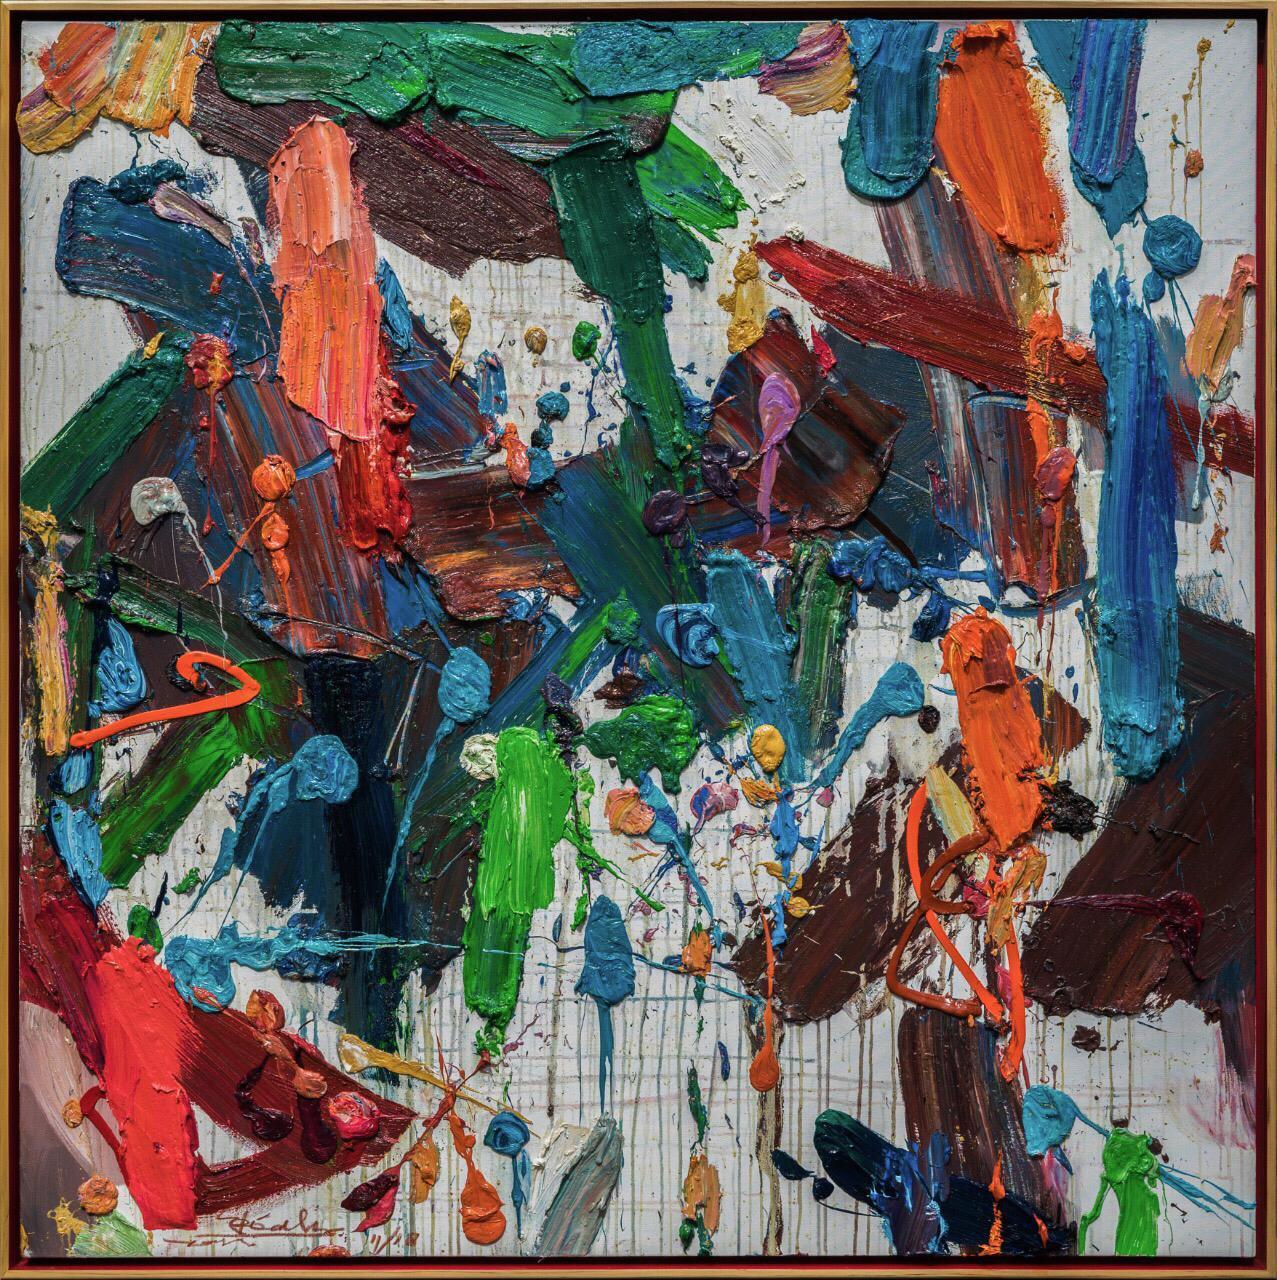 Erizal As, 'Kimposisi Kata', 2018, oil on canvas, 180 x 180cm. Image courtesy of Gajah Gallery.